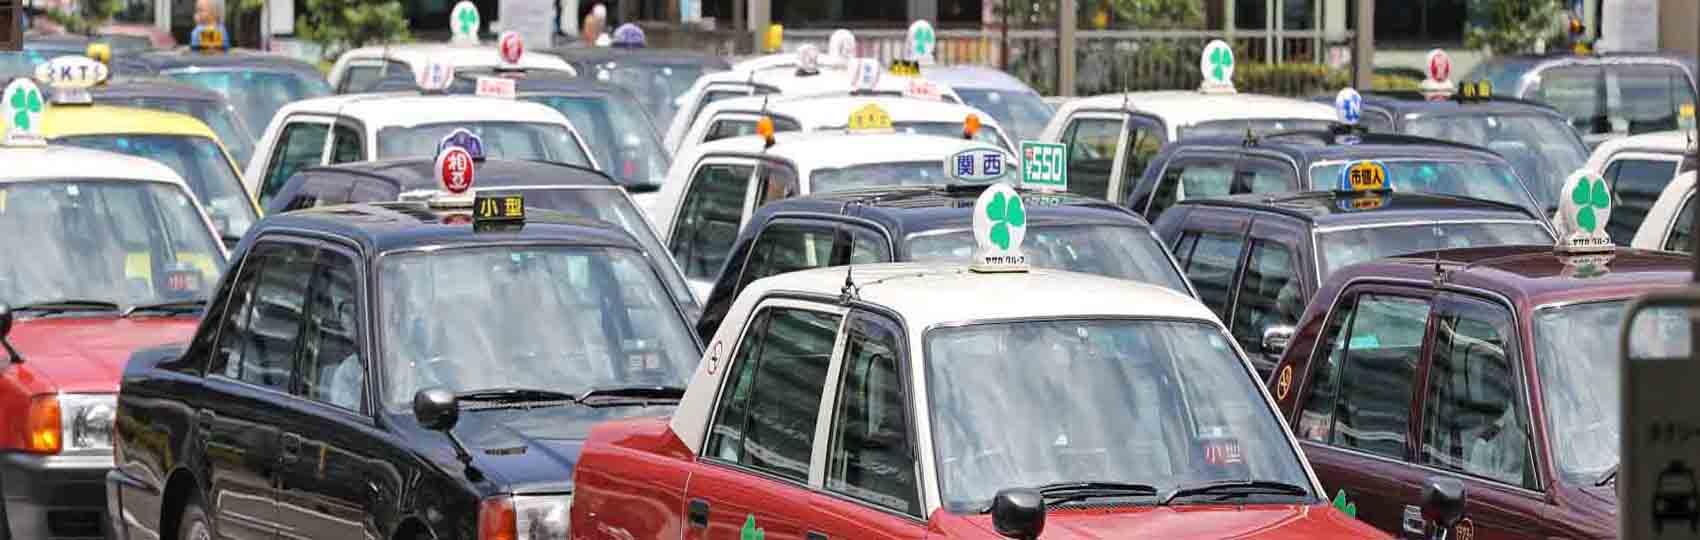 Noticias del sector del taxi y la movilidad en Japón. Mantente informado de todas las noticias del taxi de Japón en el grupo de Facebook de Todo Taxi.